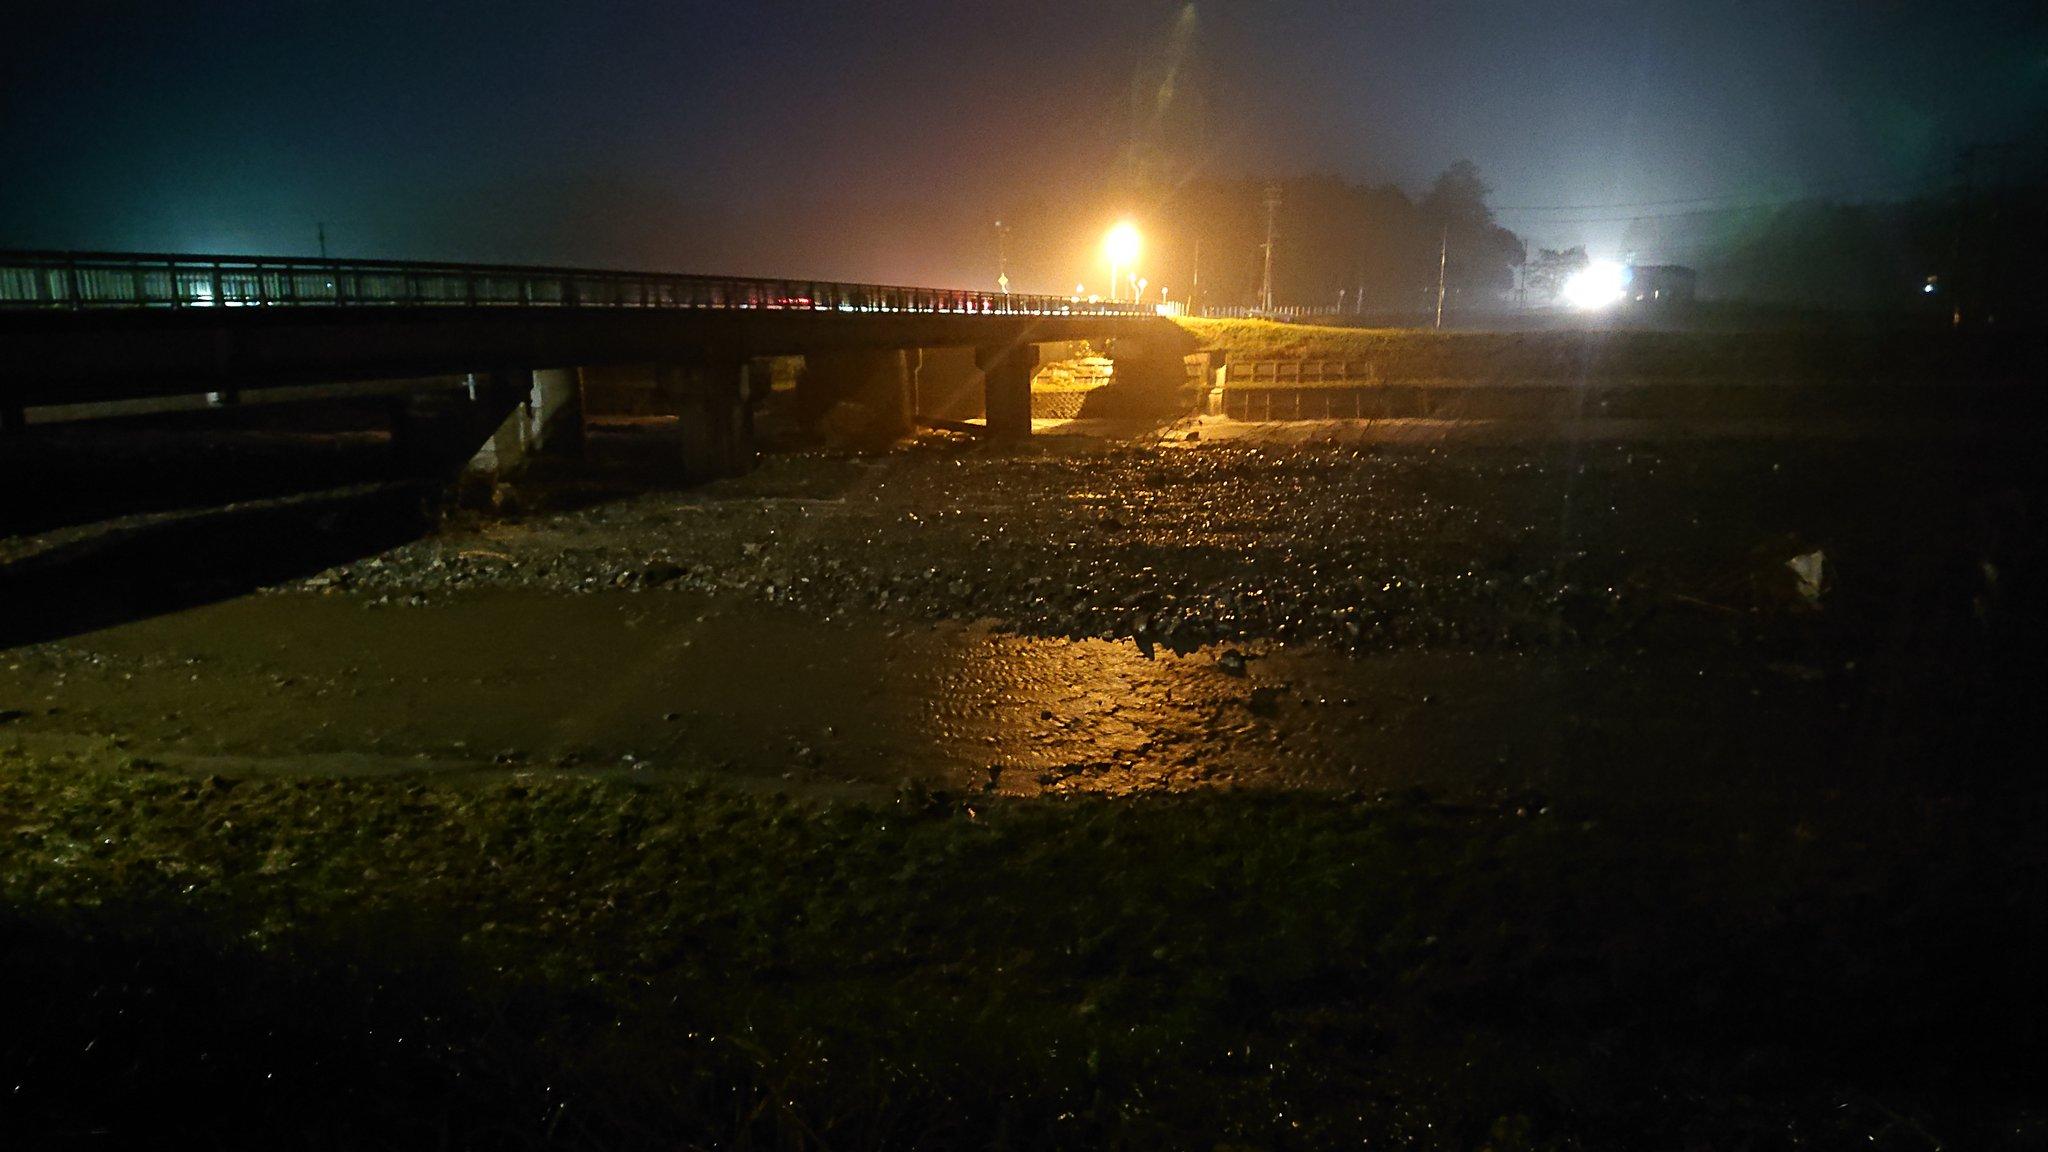 画像,新田川はまだ大丈夫そう https://t.co/RbL5kfT6KK。